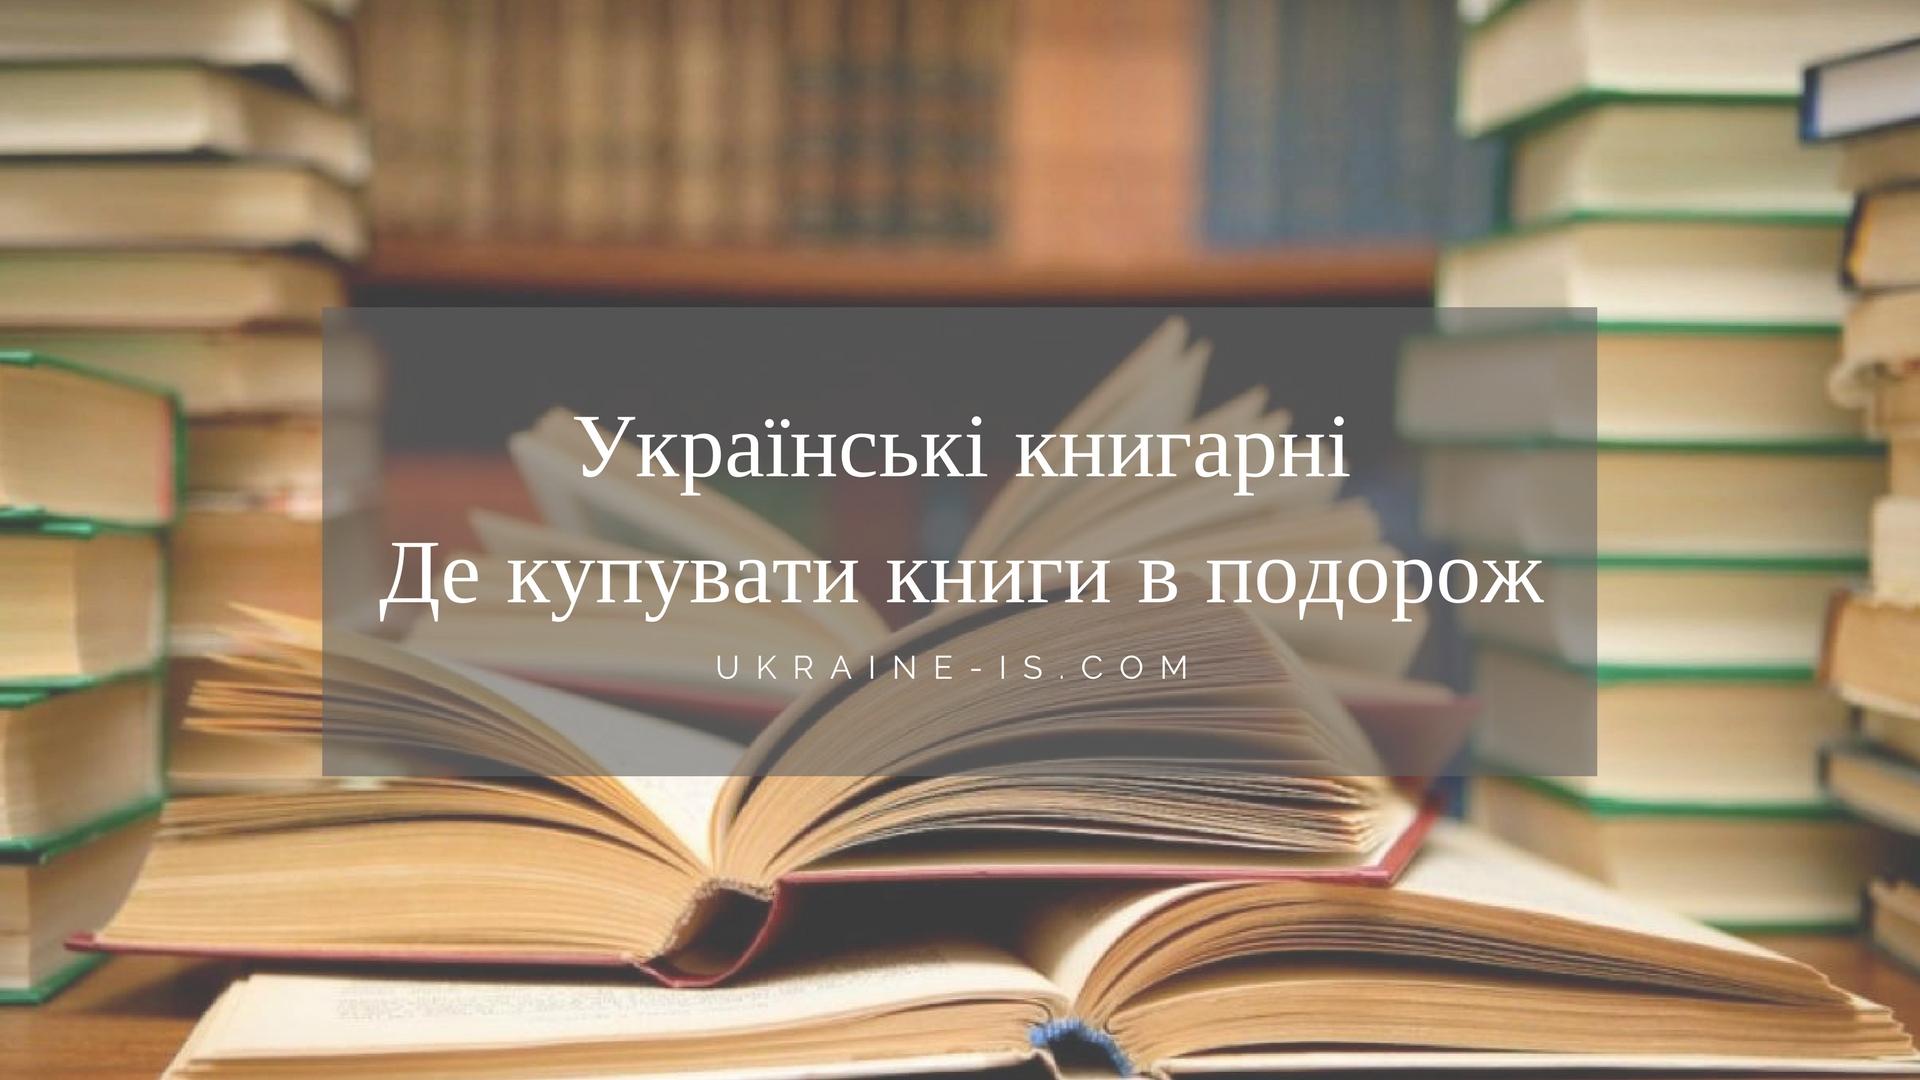 Українські книгарні: де купити книги в дорогу